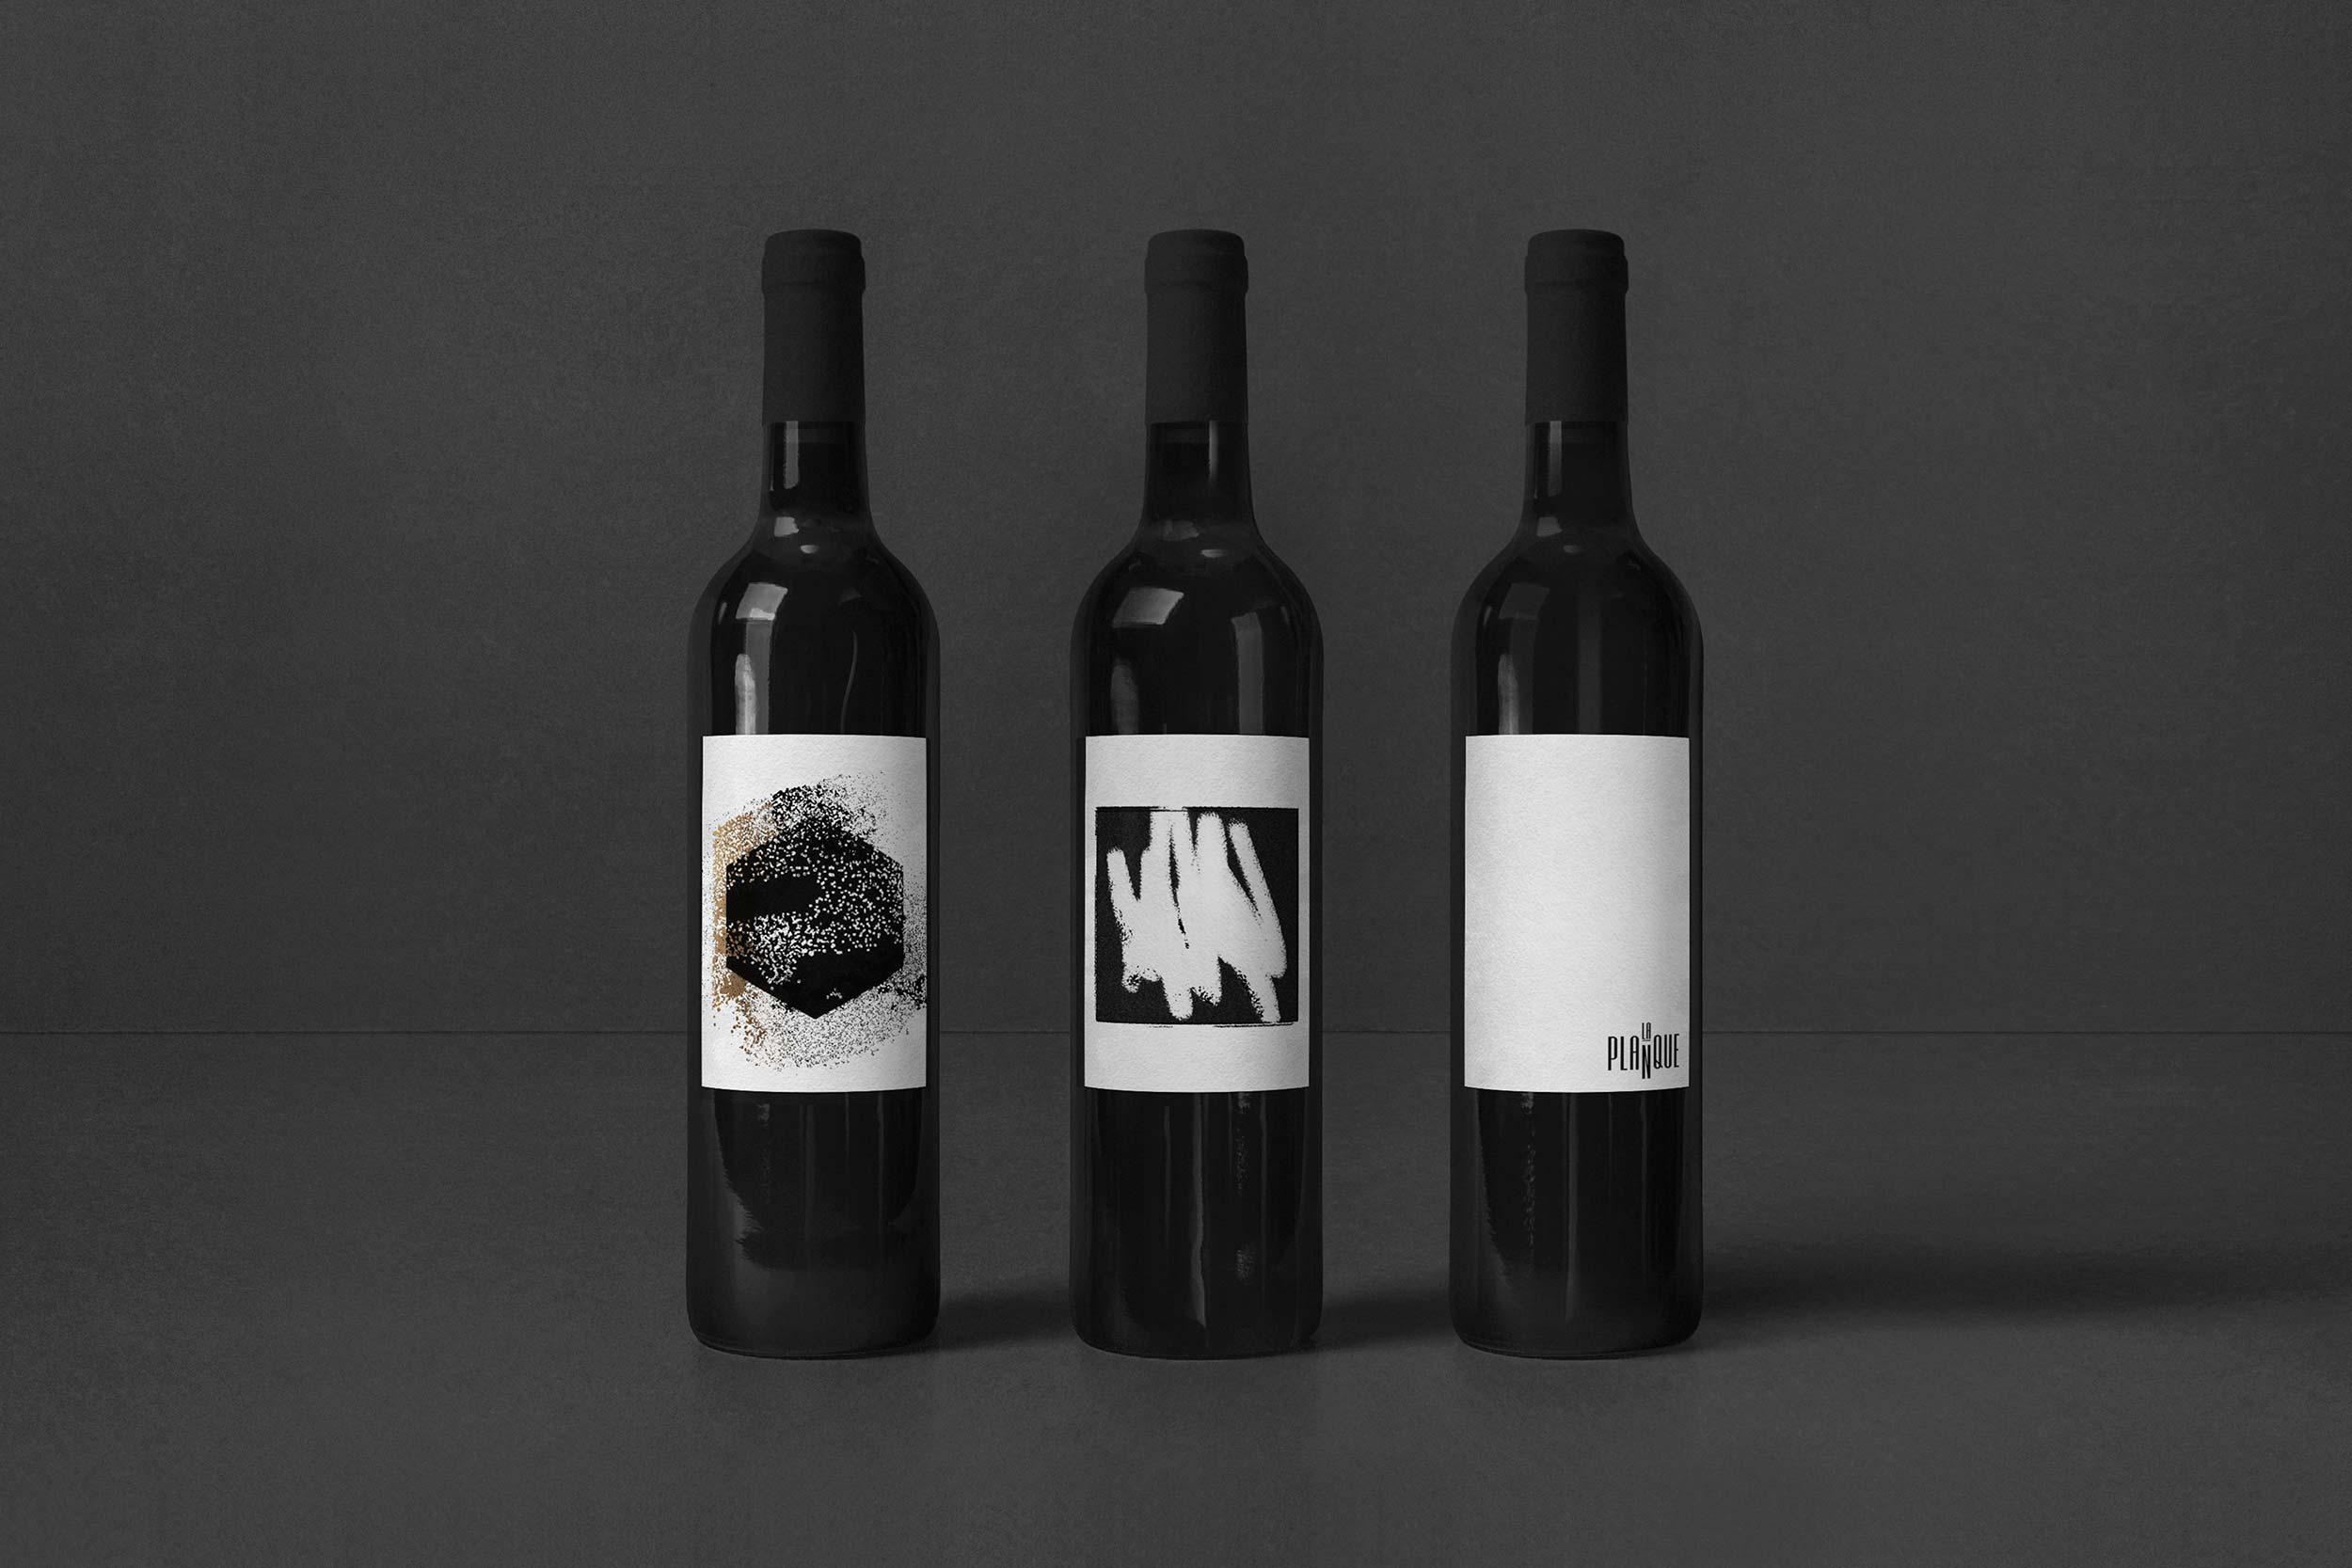 Design graphique-Branding-Logo-Étiquettes-Vins-Restaurant-La planque-Québec